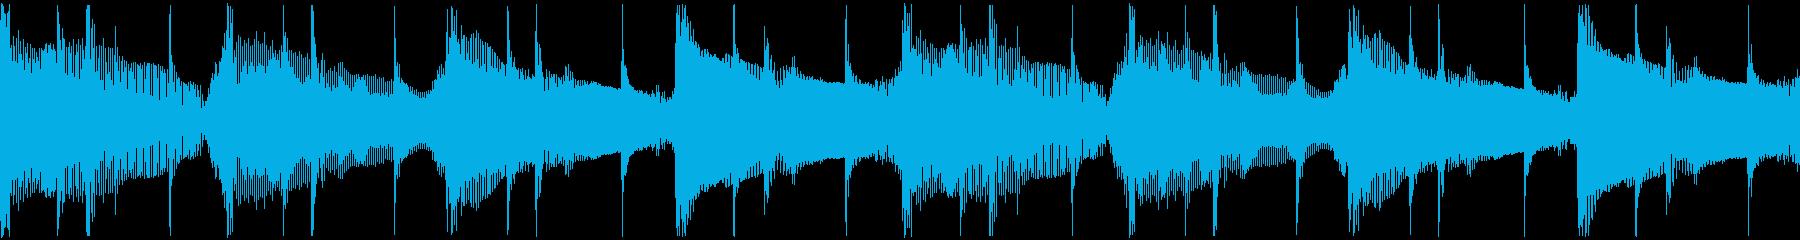 軽快なドラムを備えたのんびりした、...の再生済みの波形